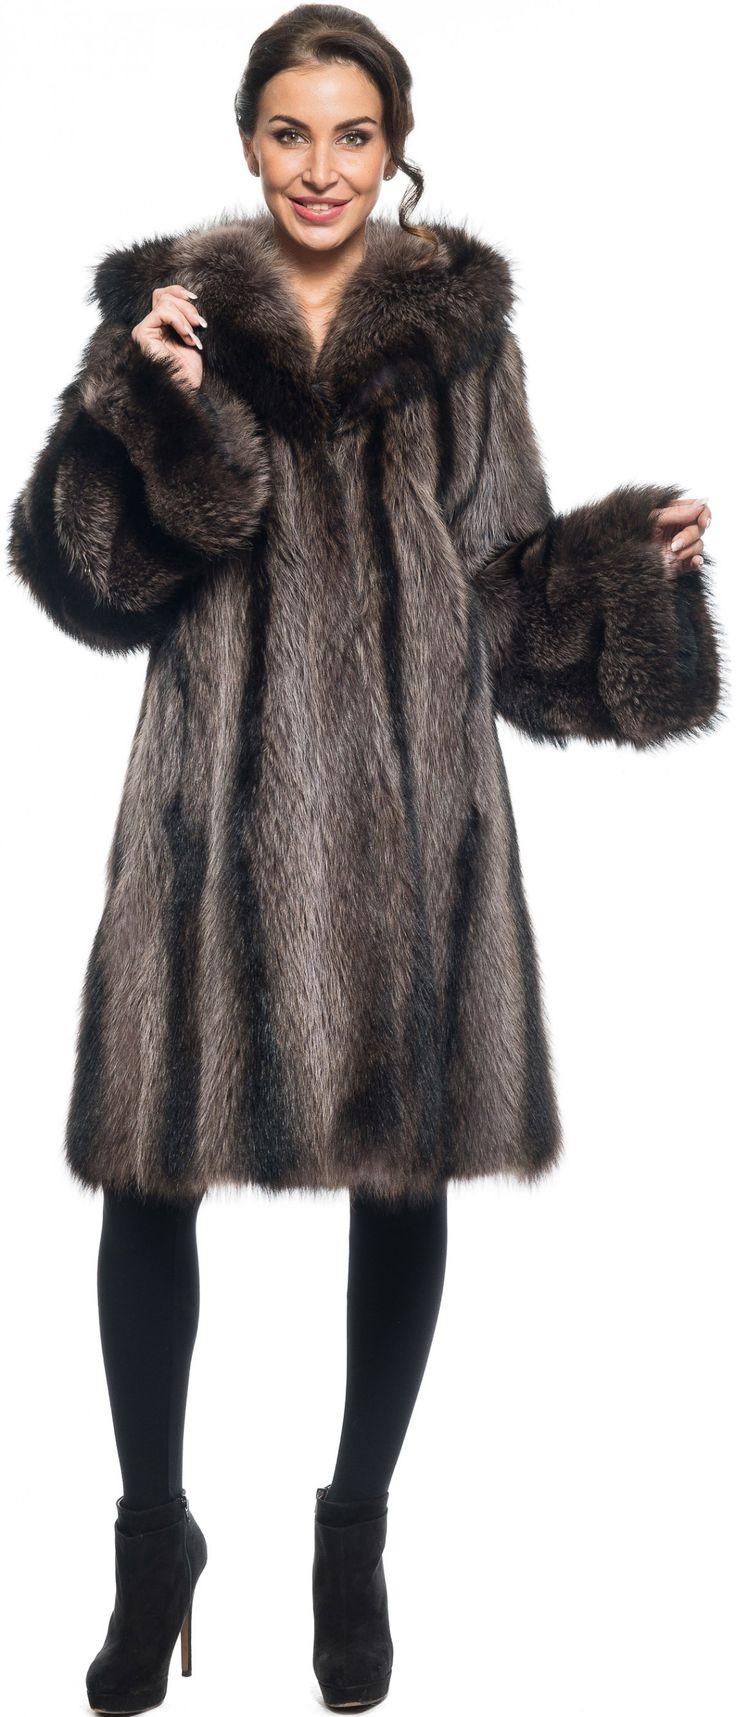 Купить Пальто из меха енота, модель 124529 - Цена 85800